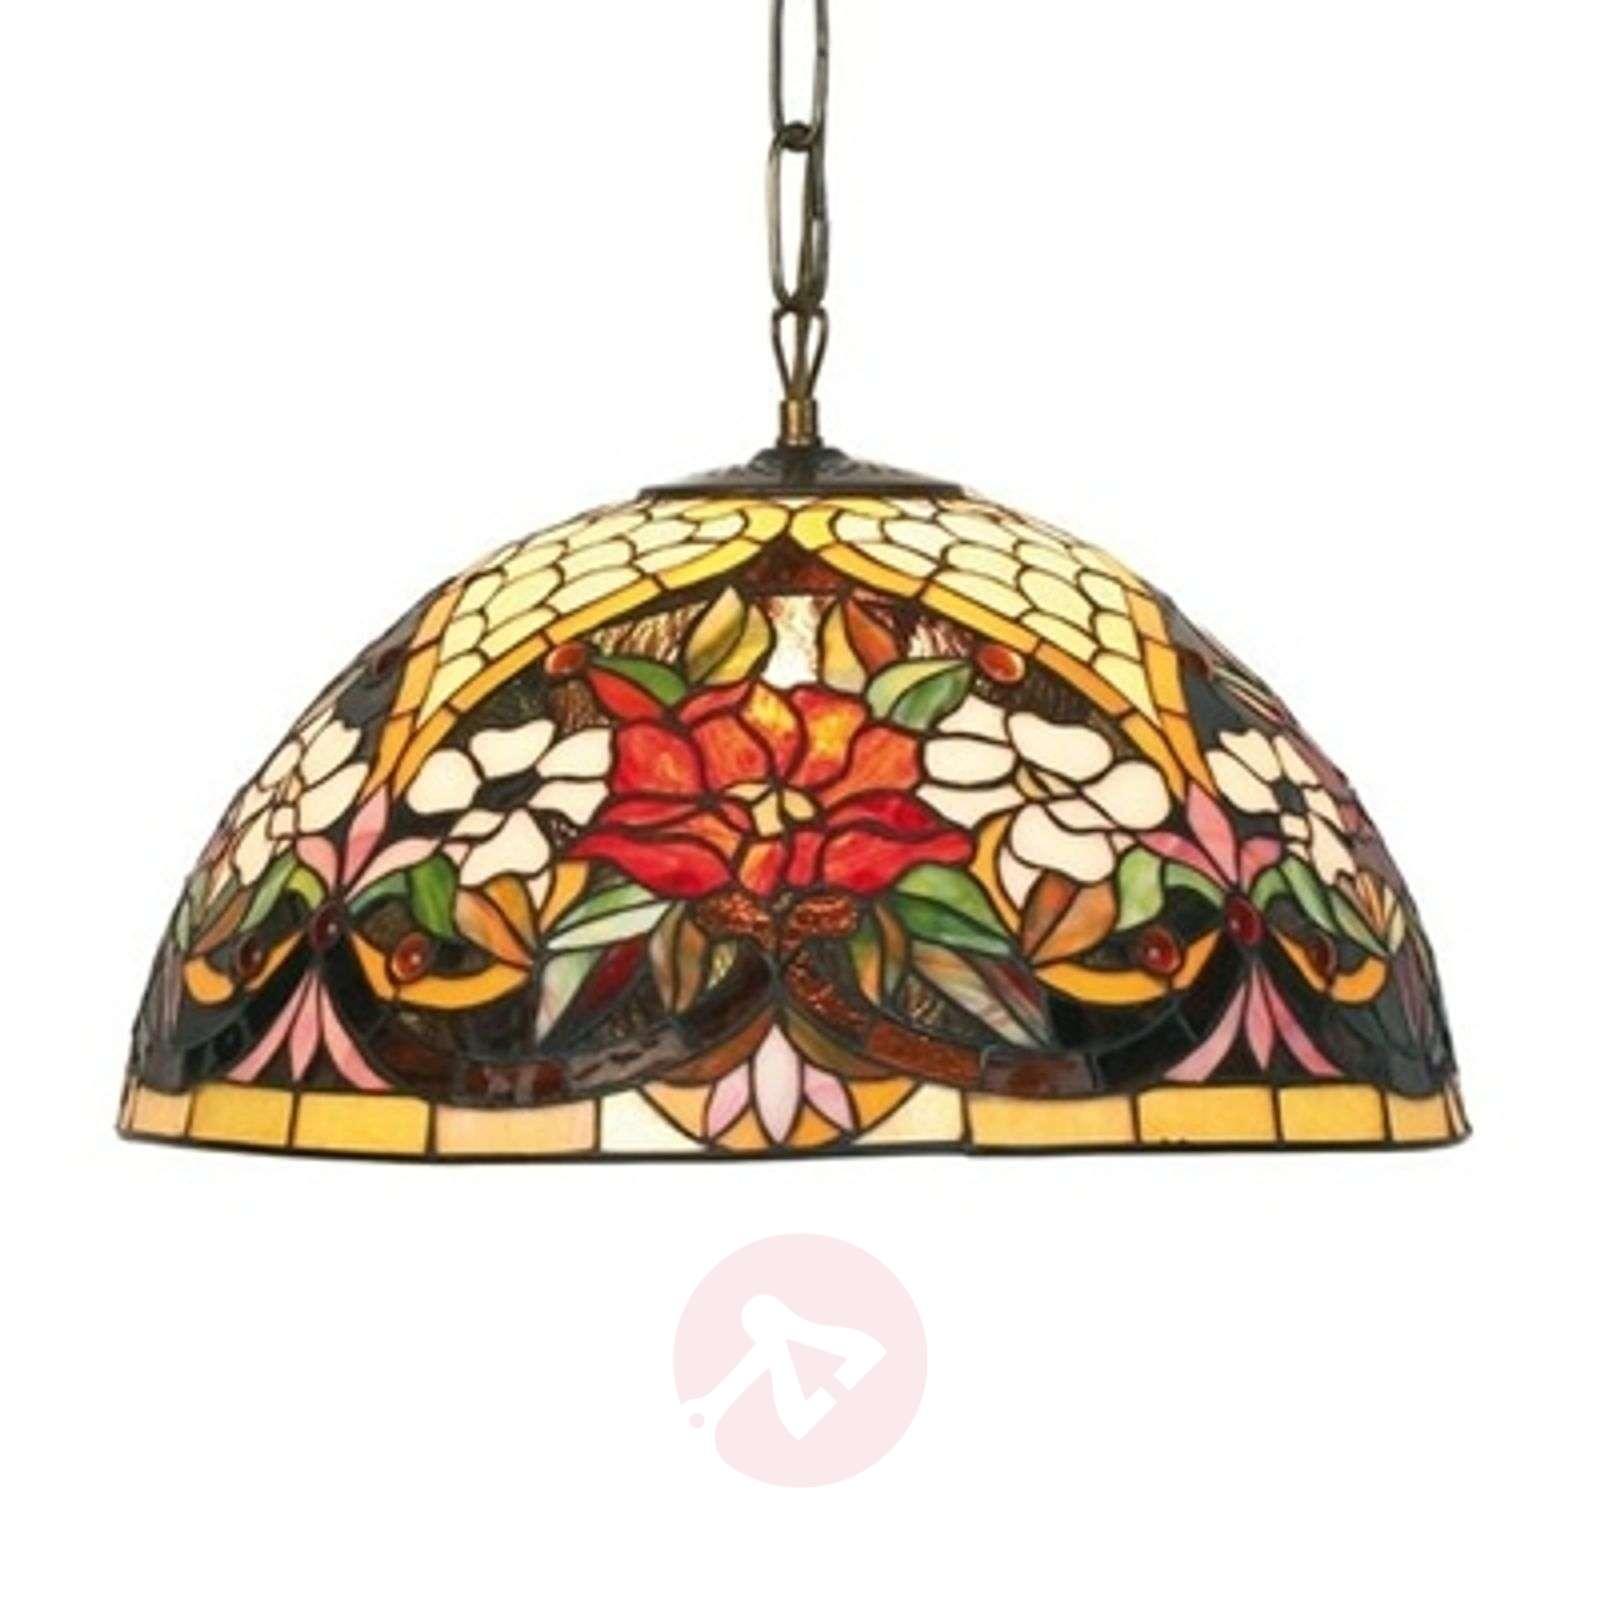 Floral hanging light ANTINA-1032151X-01